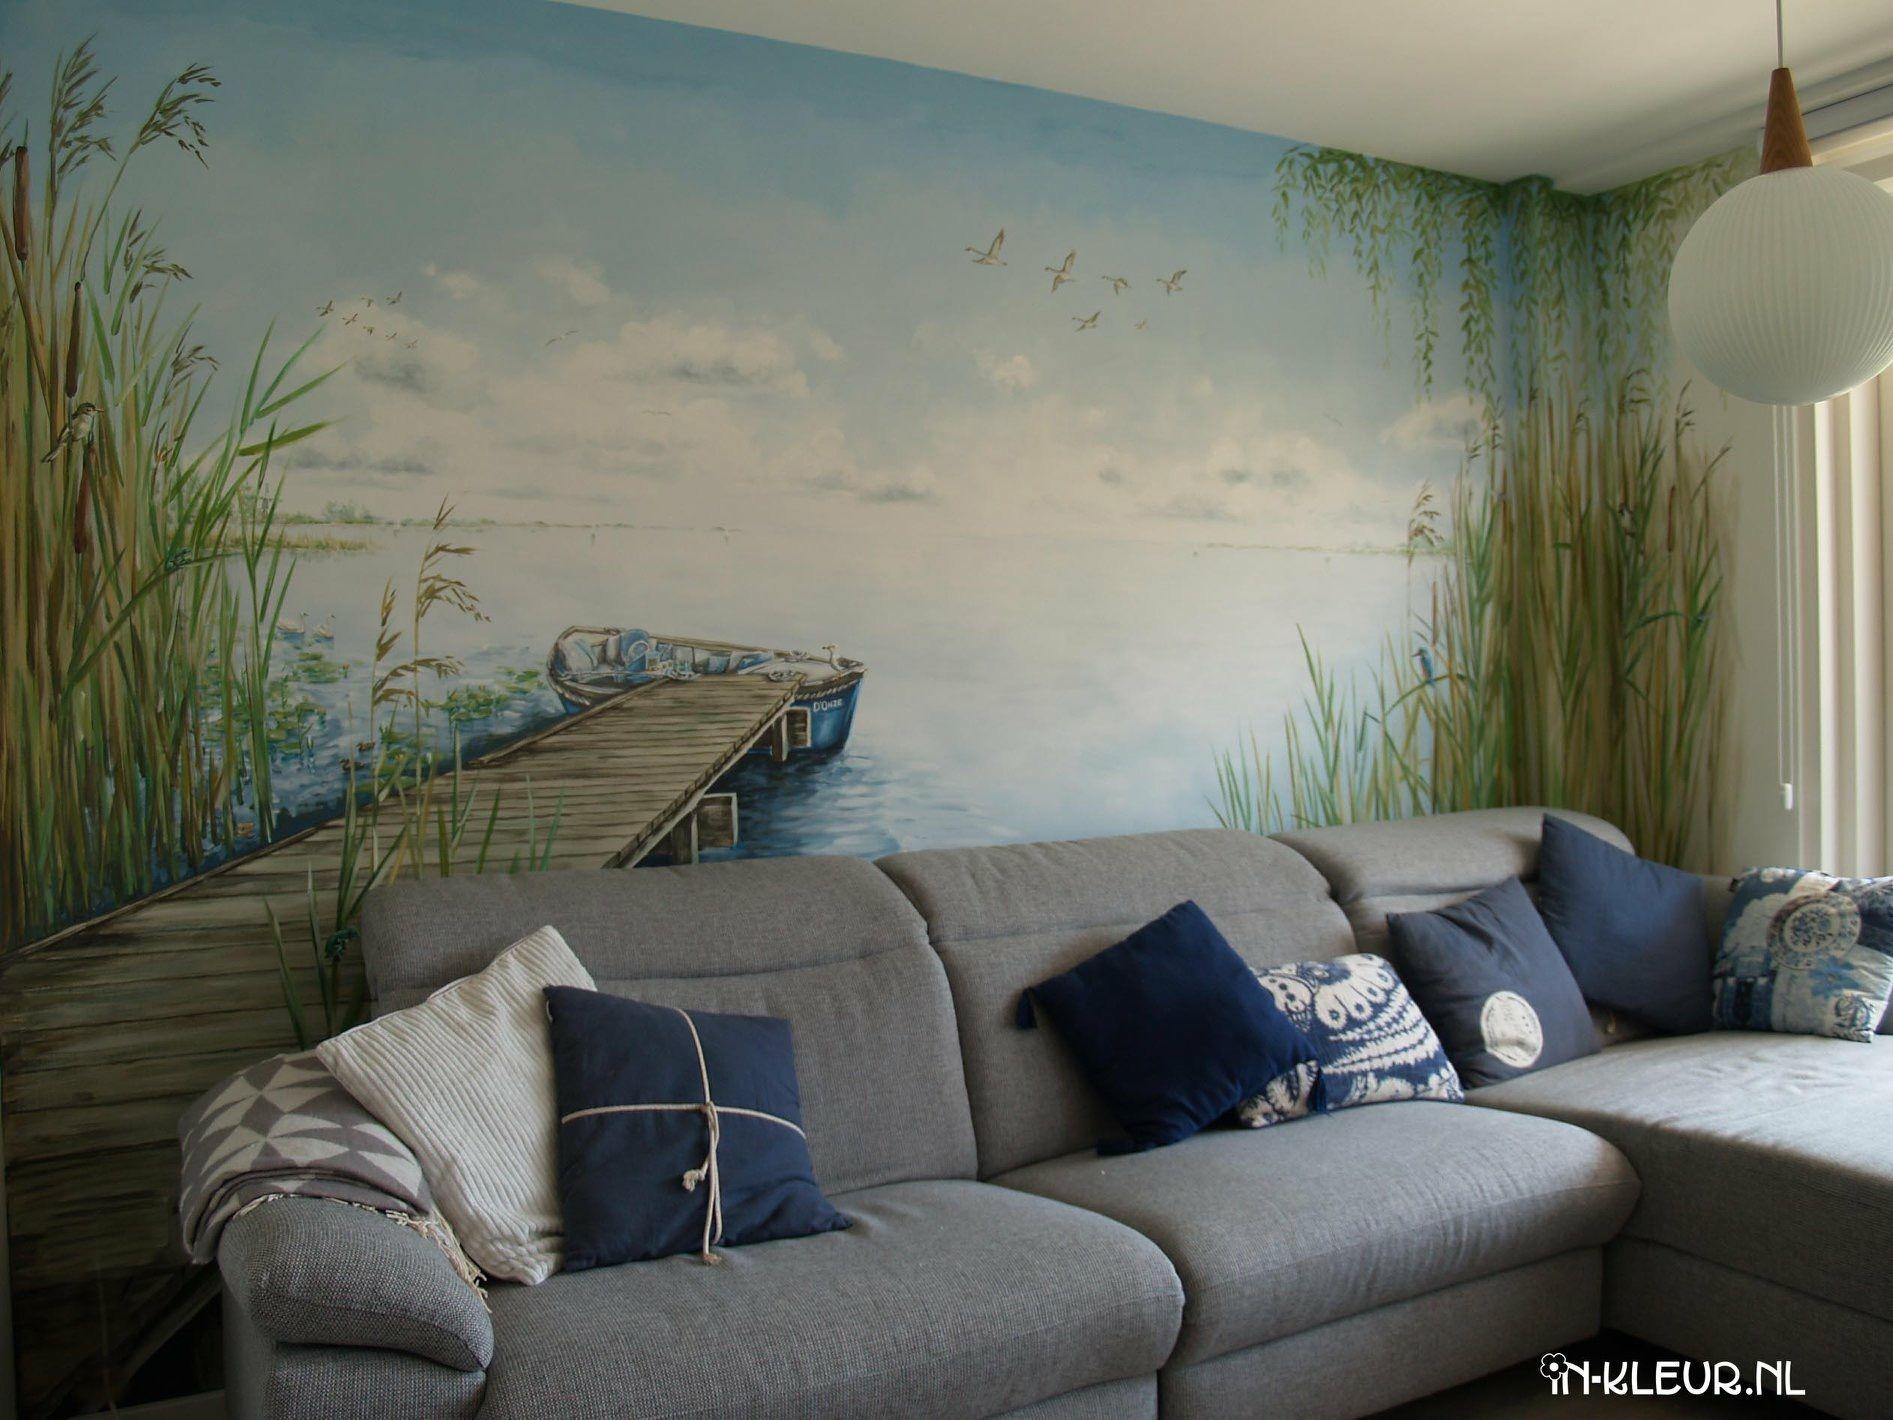 Muurschildering in een woonkamer, met uitzicht op een waterlandschap ...